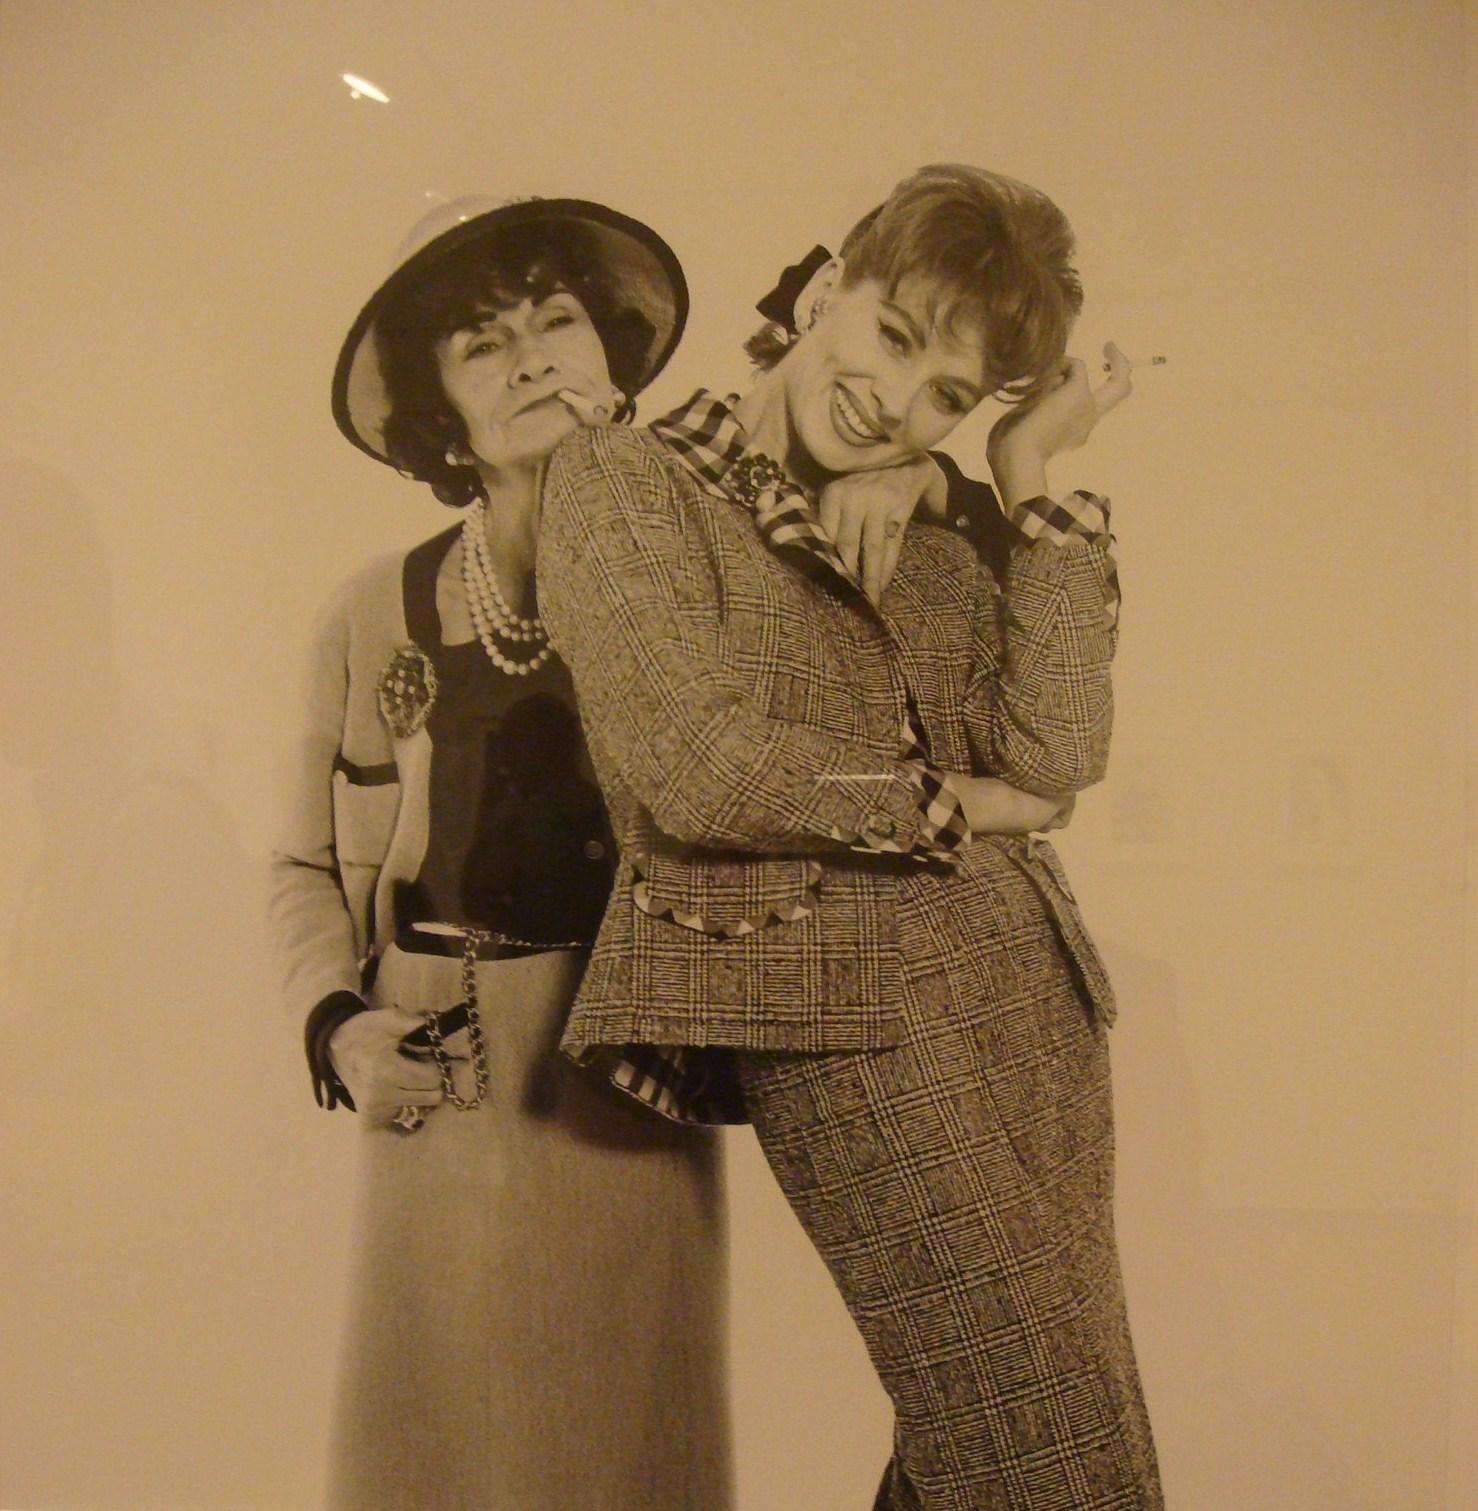 gabrielle bonheur Coco chanel, de son vrai nom gabrielle bonheur chanel est née en 1893elle fonde, en 1910, la grande maison chanel et se fait remarquer en créant des chapeaux originaux.